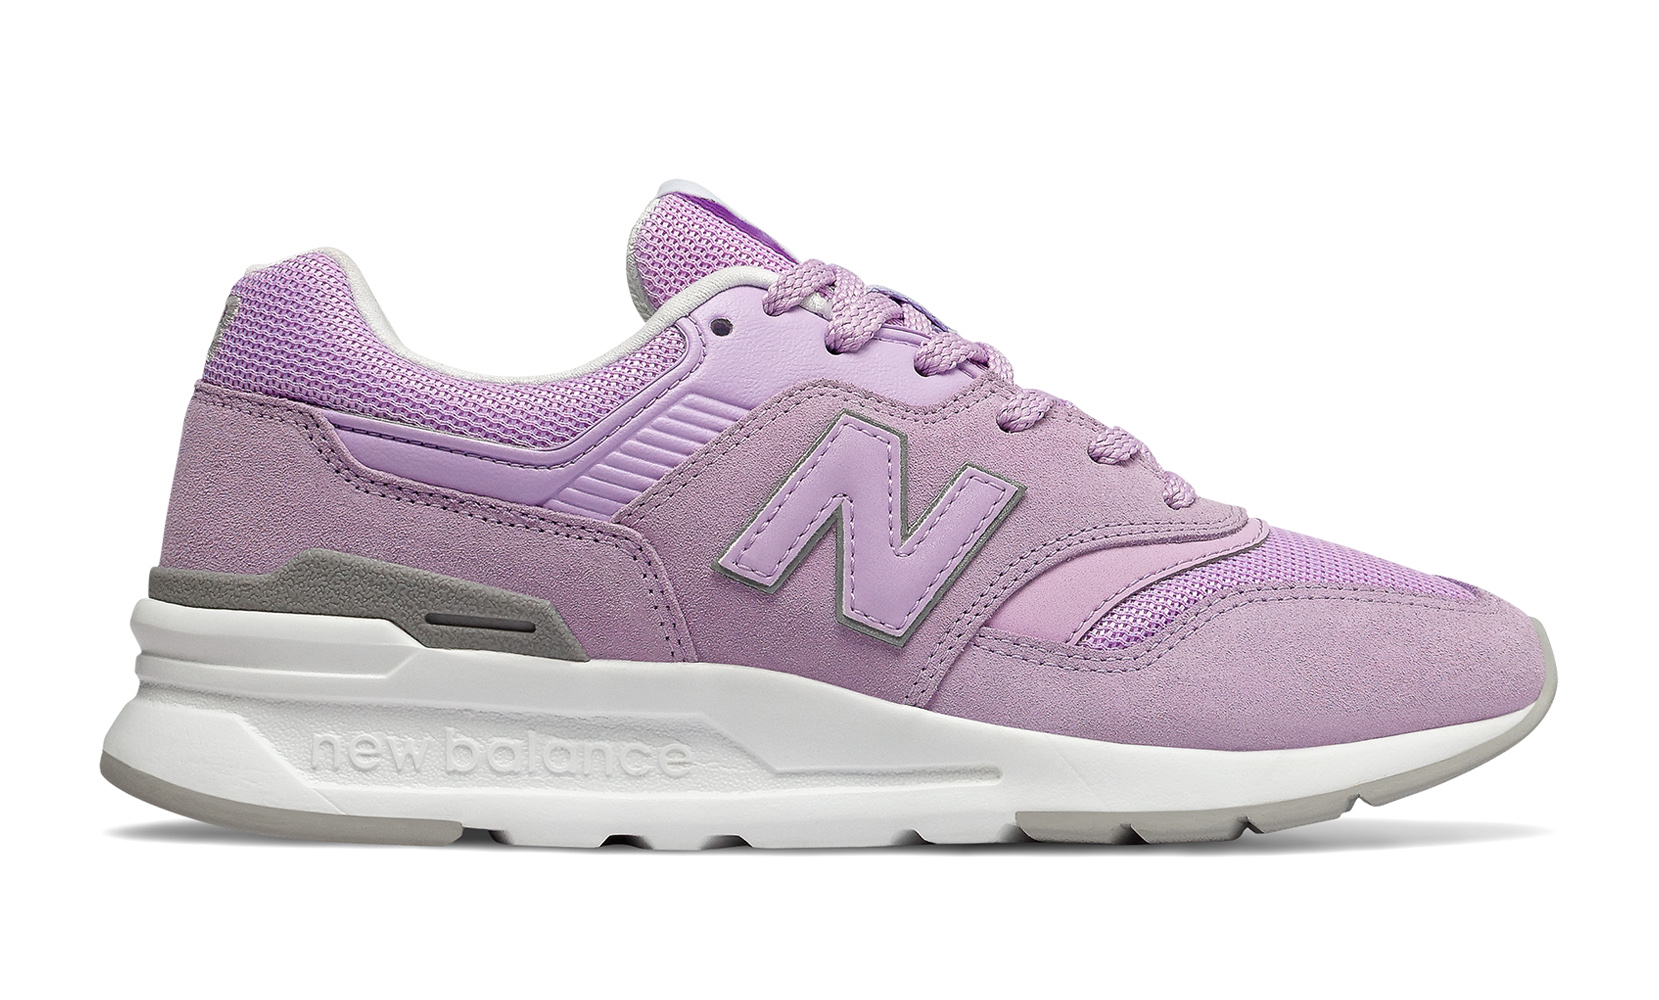 Жіноче взуття повсякденне New Balance 997H CW997HCC   New Balance